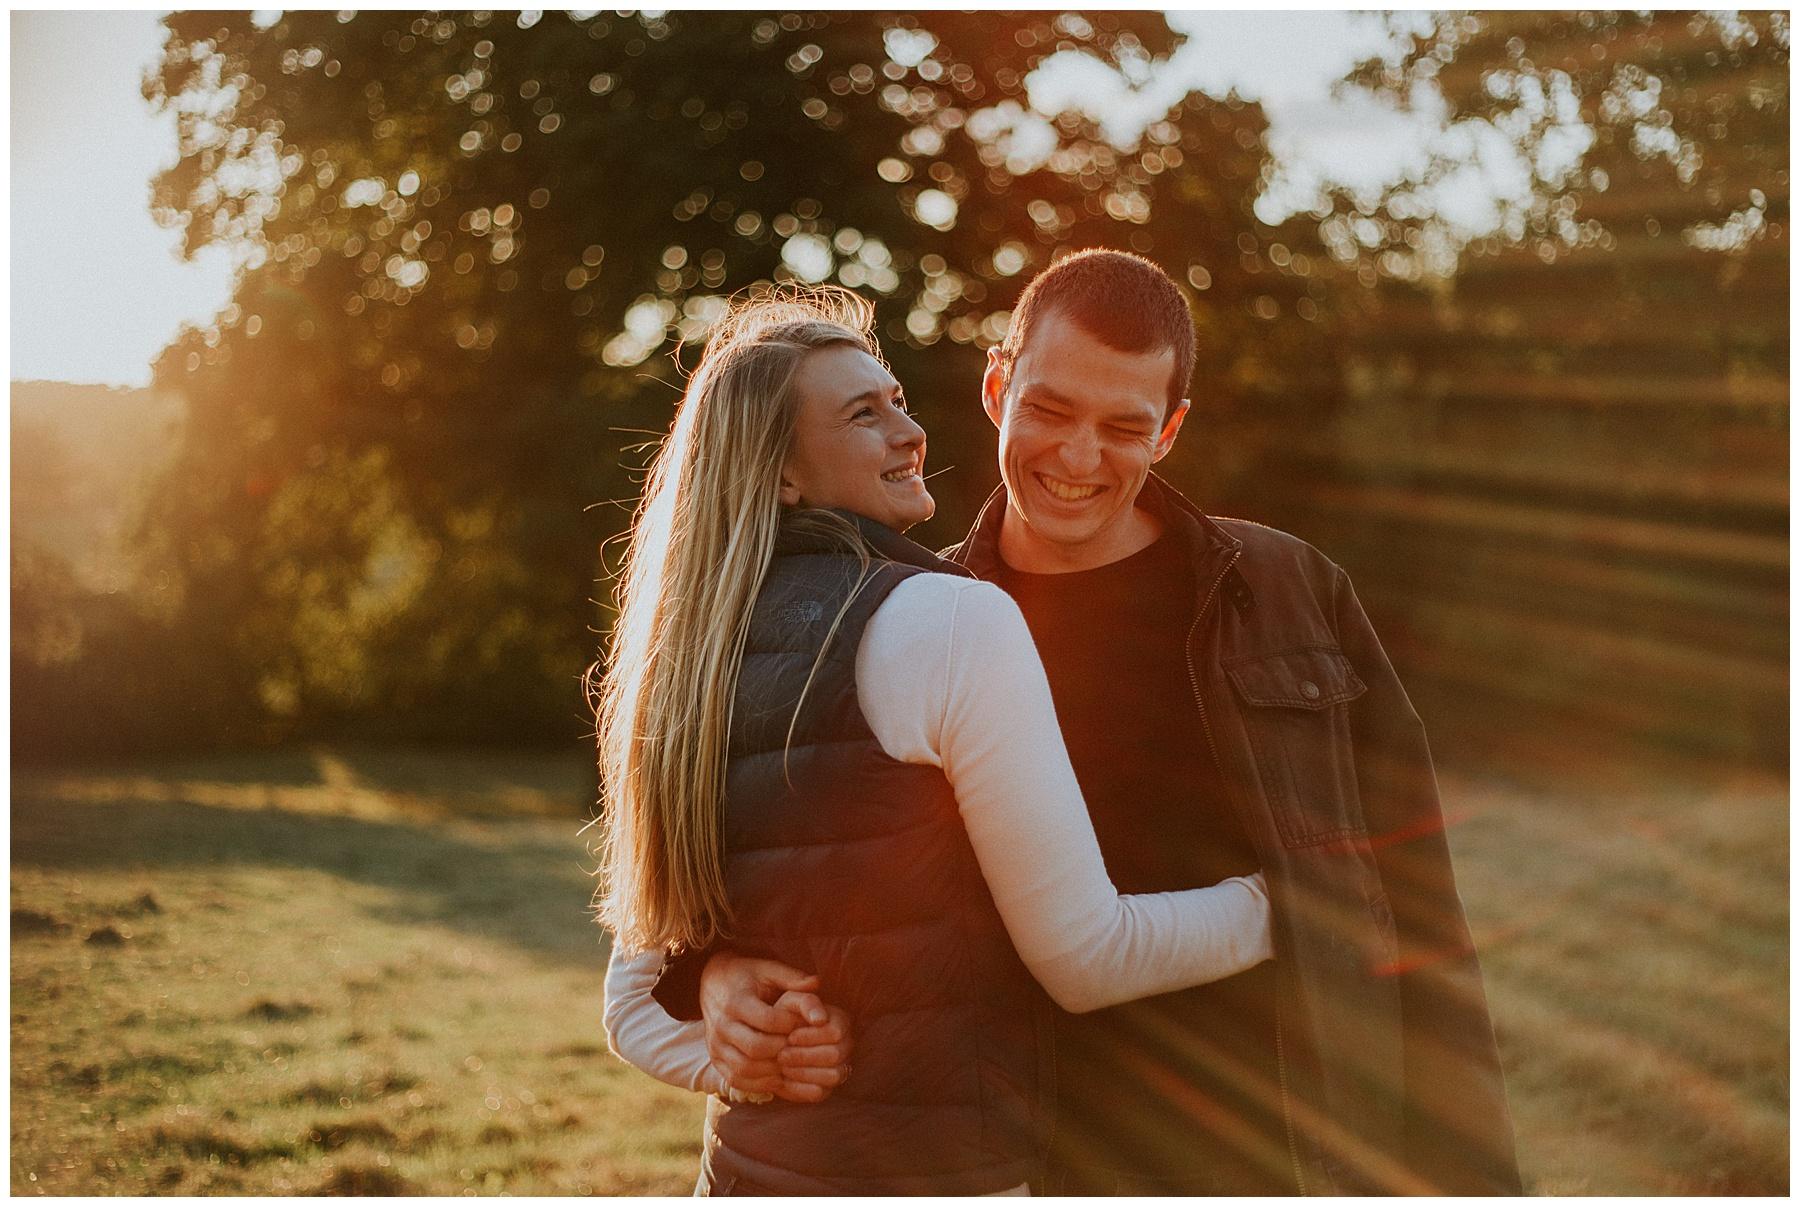 Claire & Matt Sunset Engagement Shoot-181.jpg